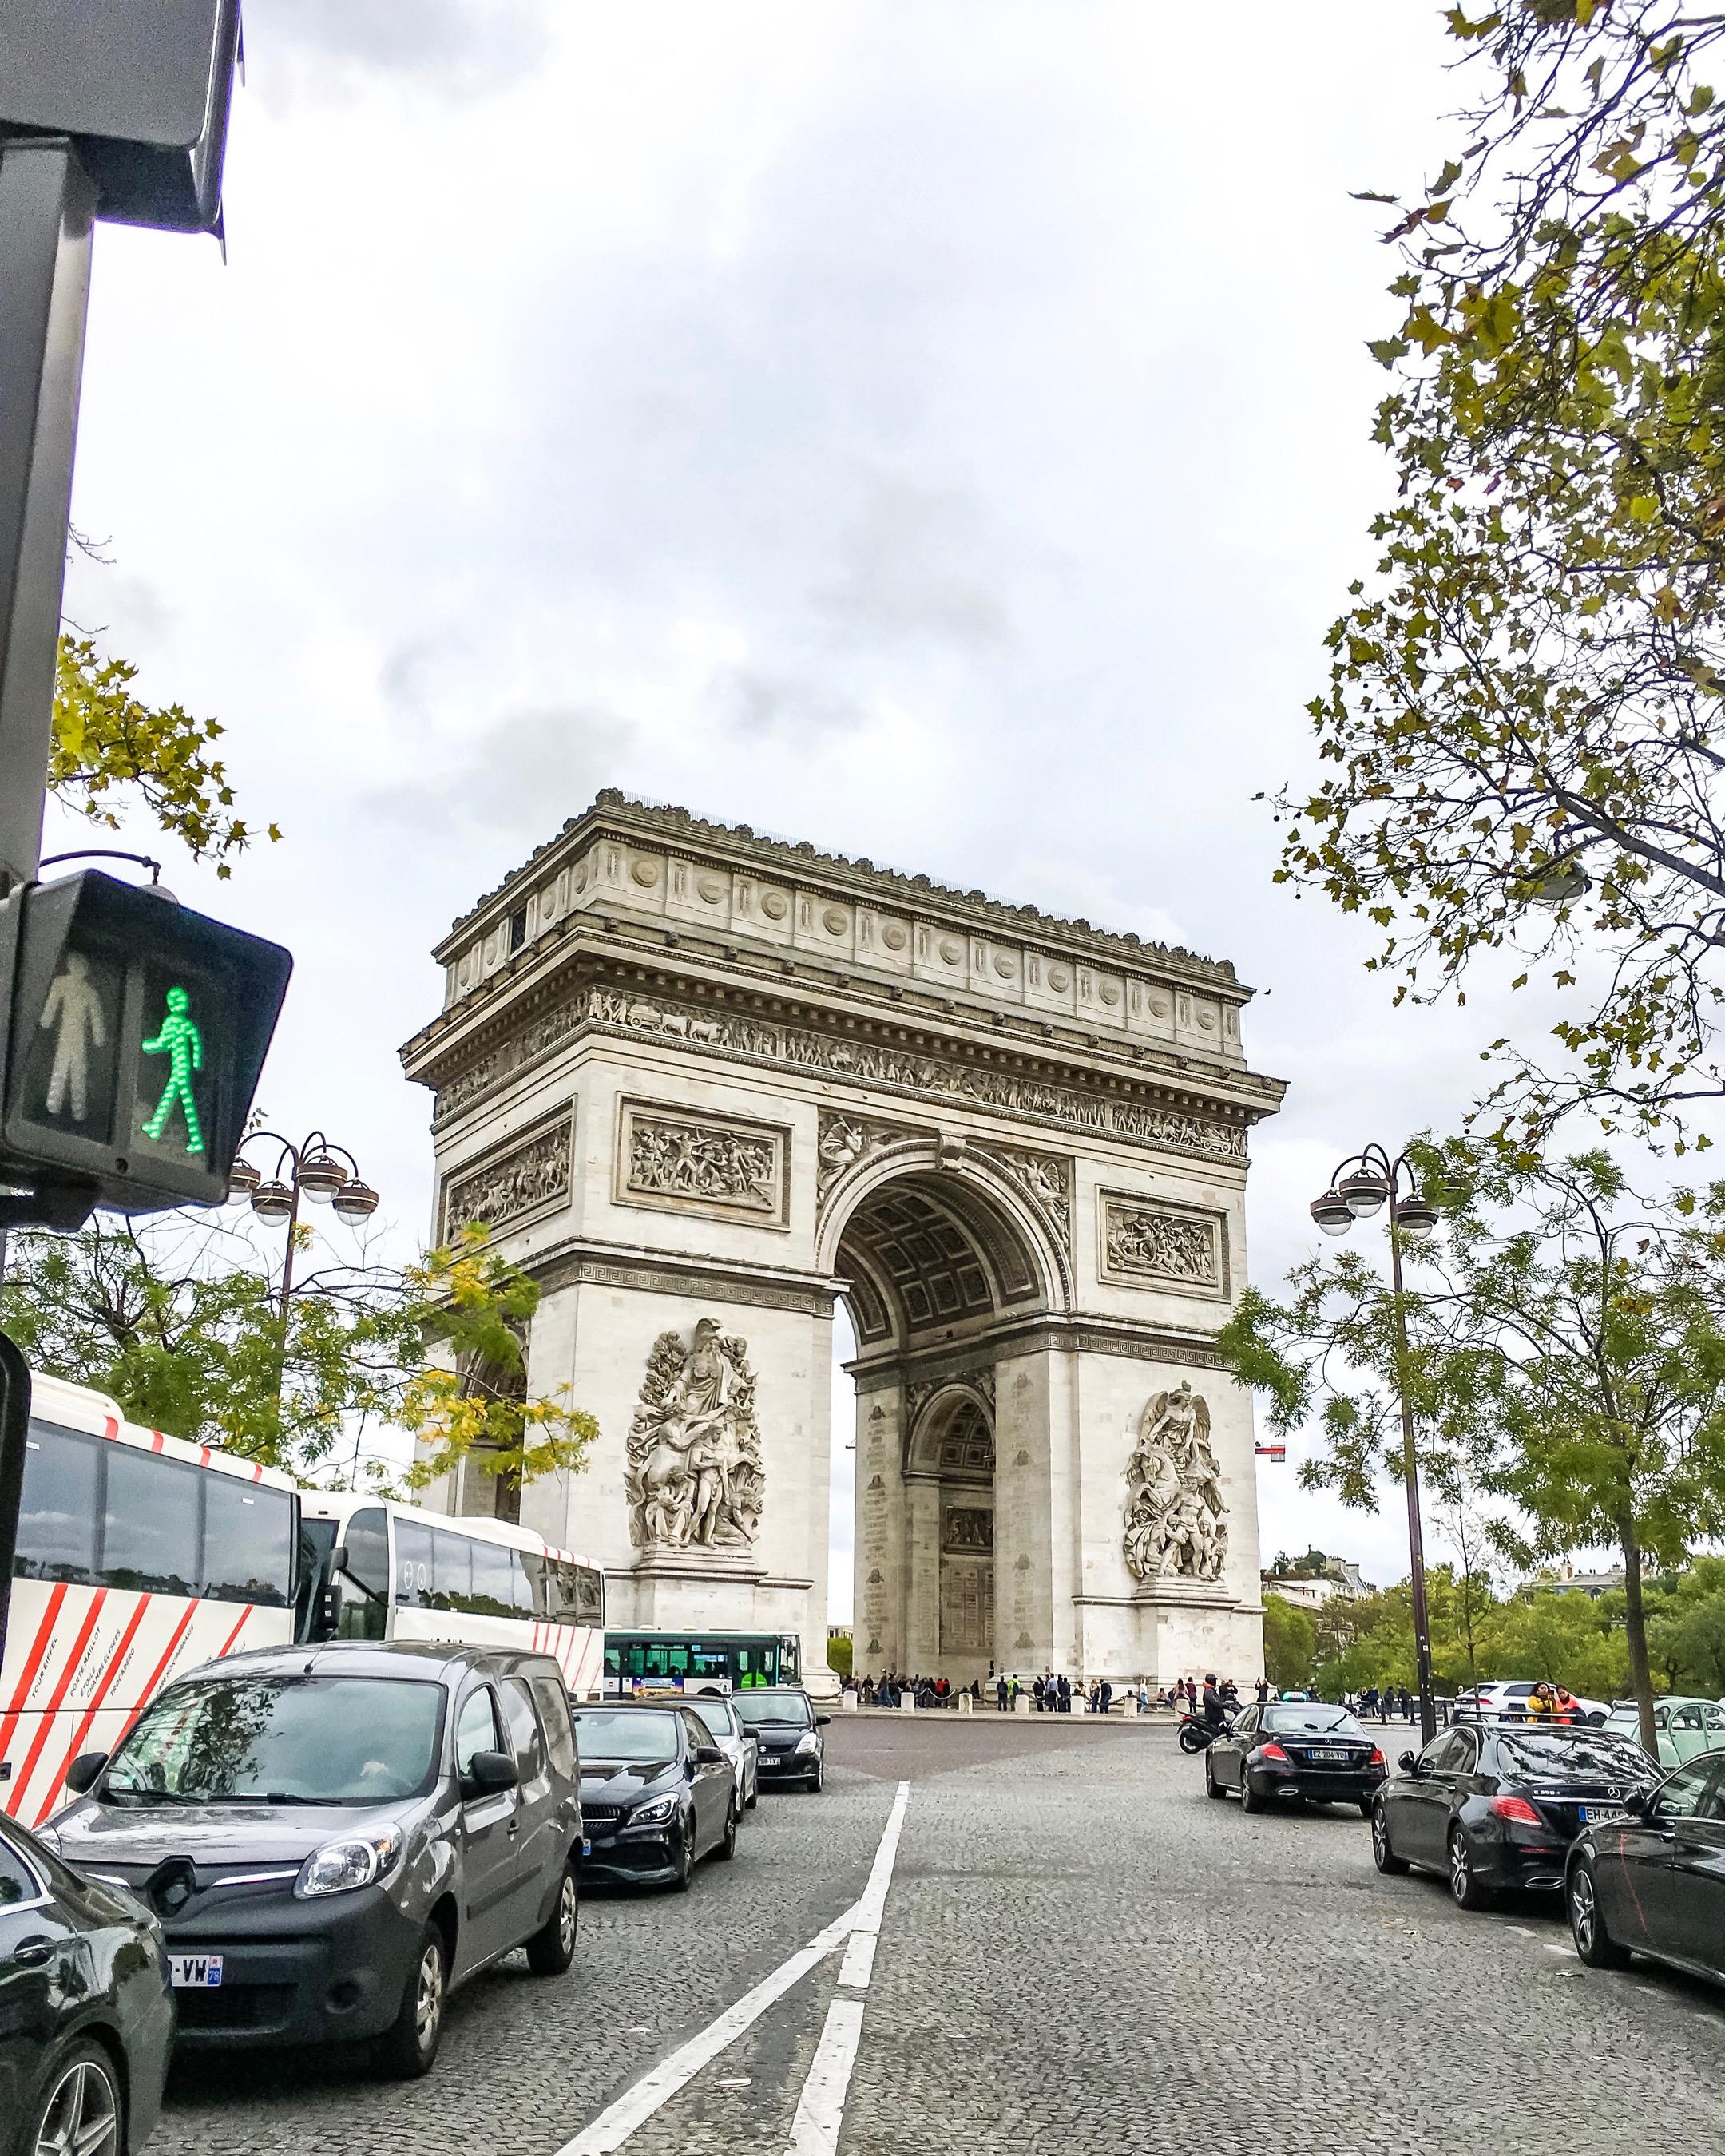 Luk Triumfalny w Paryzu